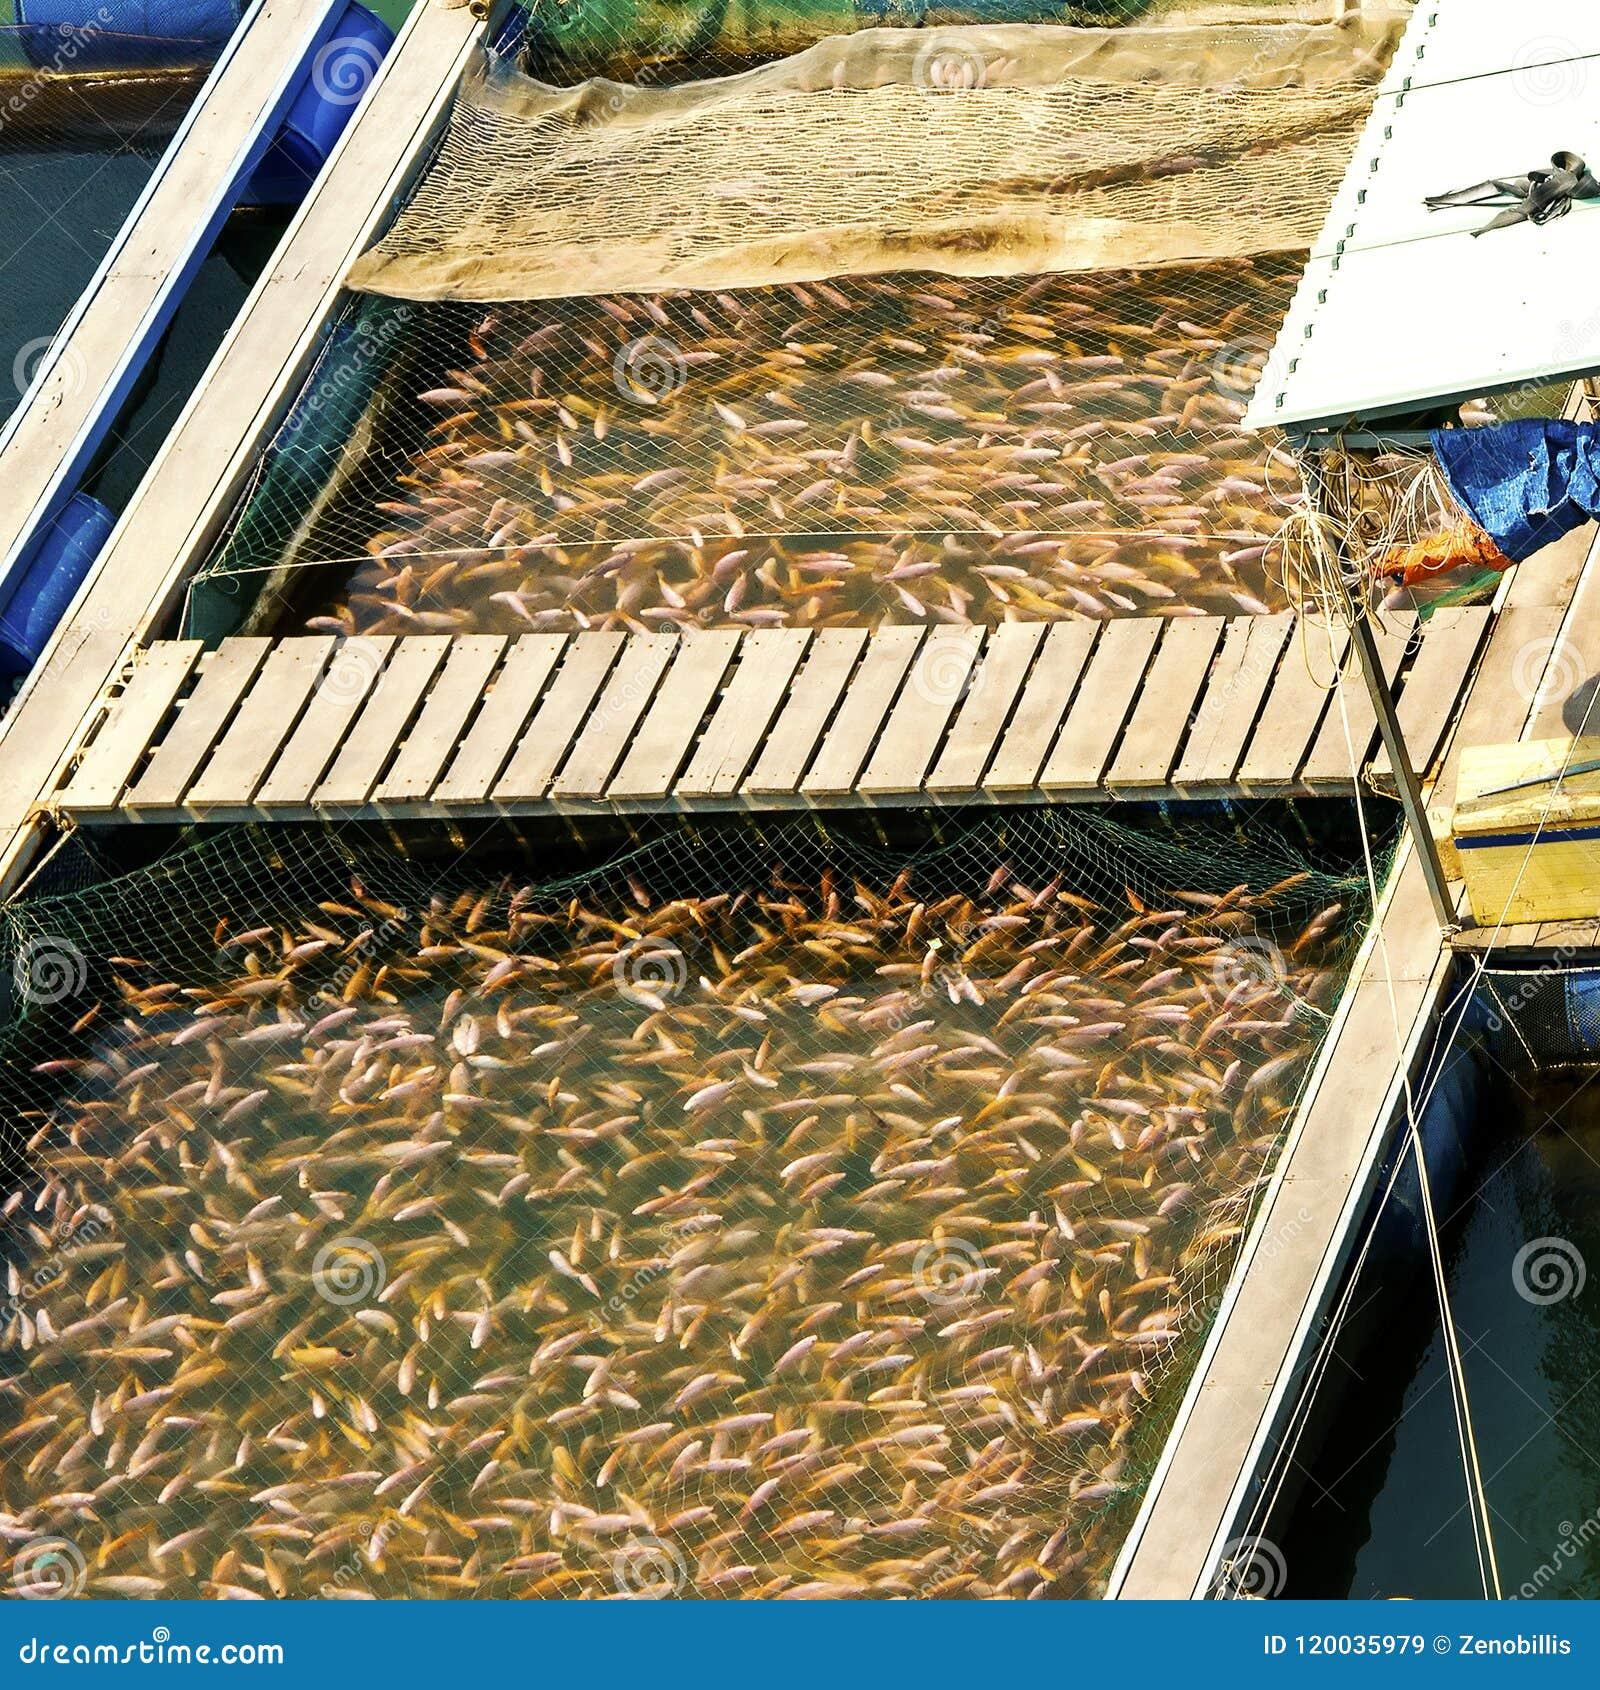 Łowi w sztucznym basenie na rybim gospodarstwie rolnym w Wietnam Rybołówstwo przemysł